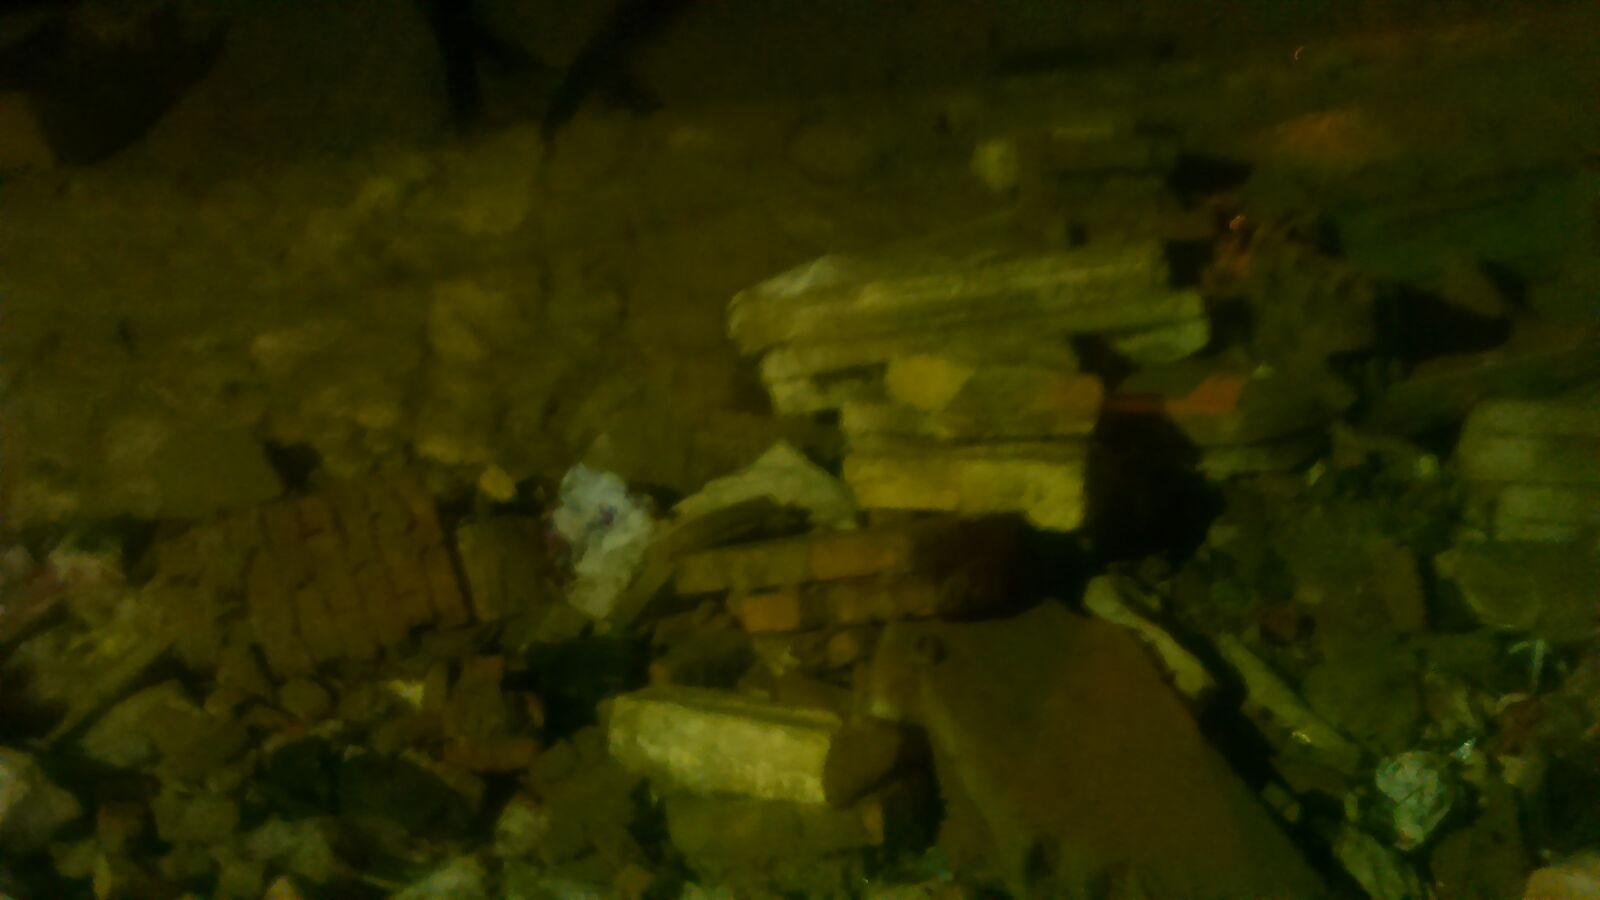 انتشار القمامة والصرف بشارع المسابك.. والطريق أسفل الدائري مُغلق